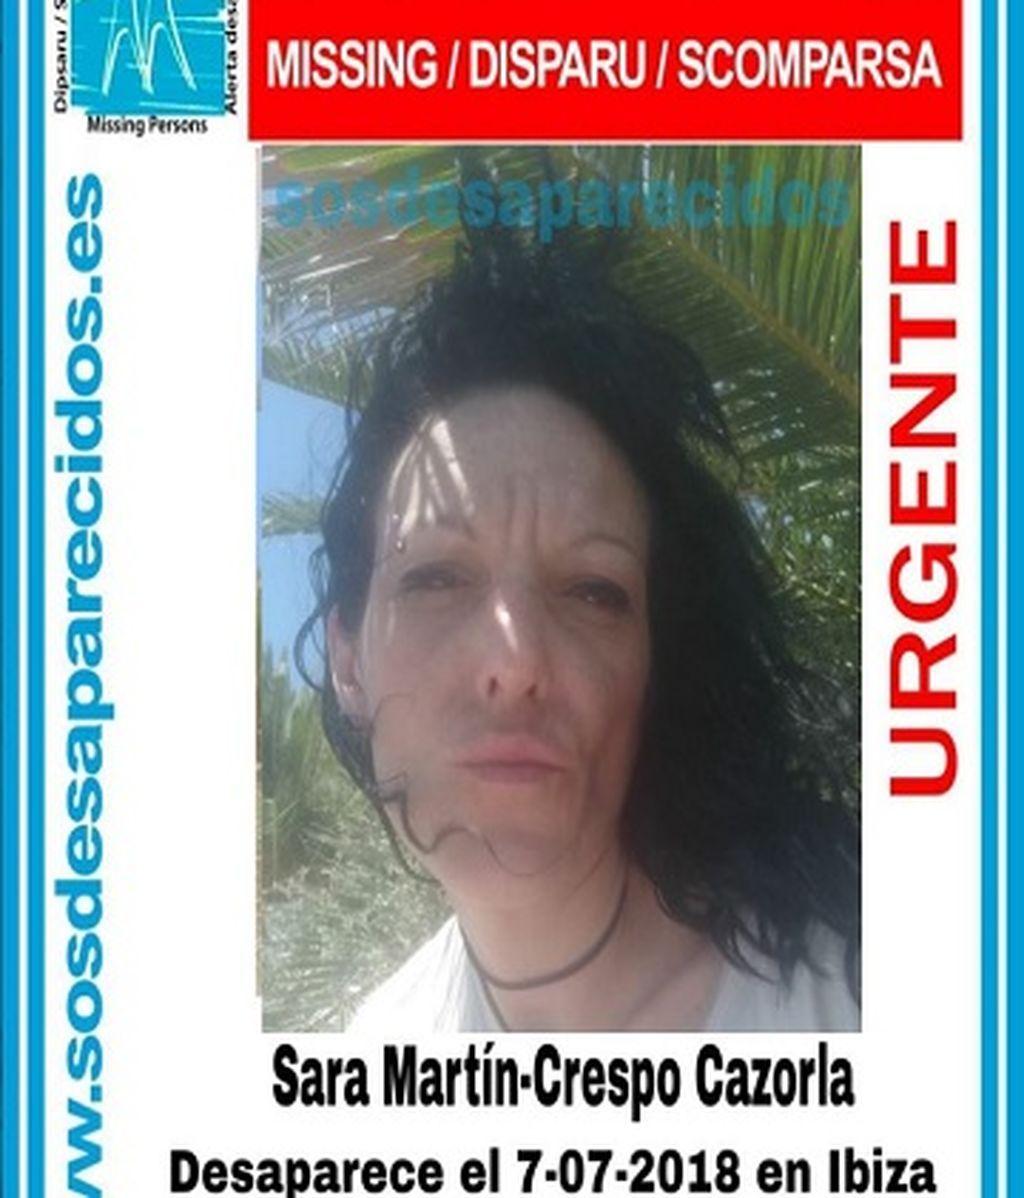 Mujer desaparecida en Ibiza desde el 7 de julio.